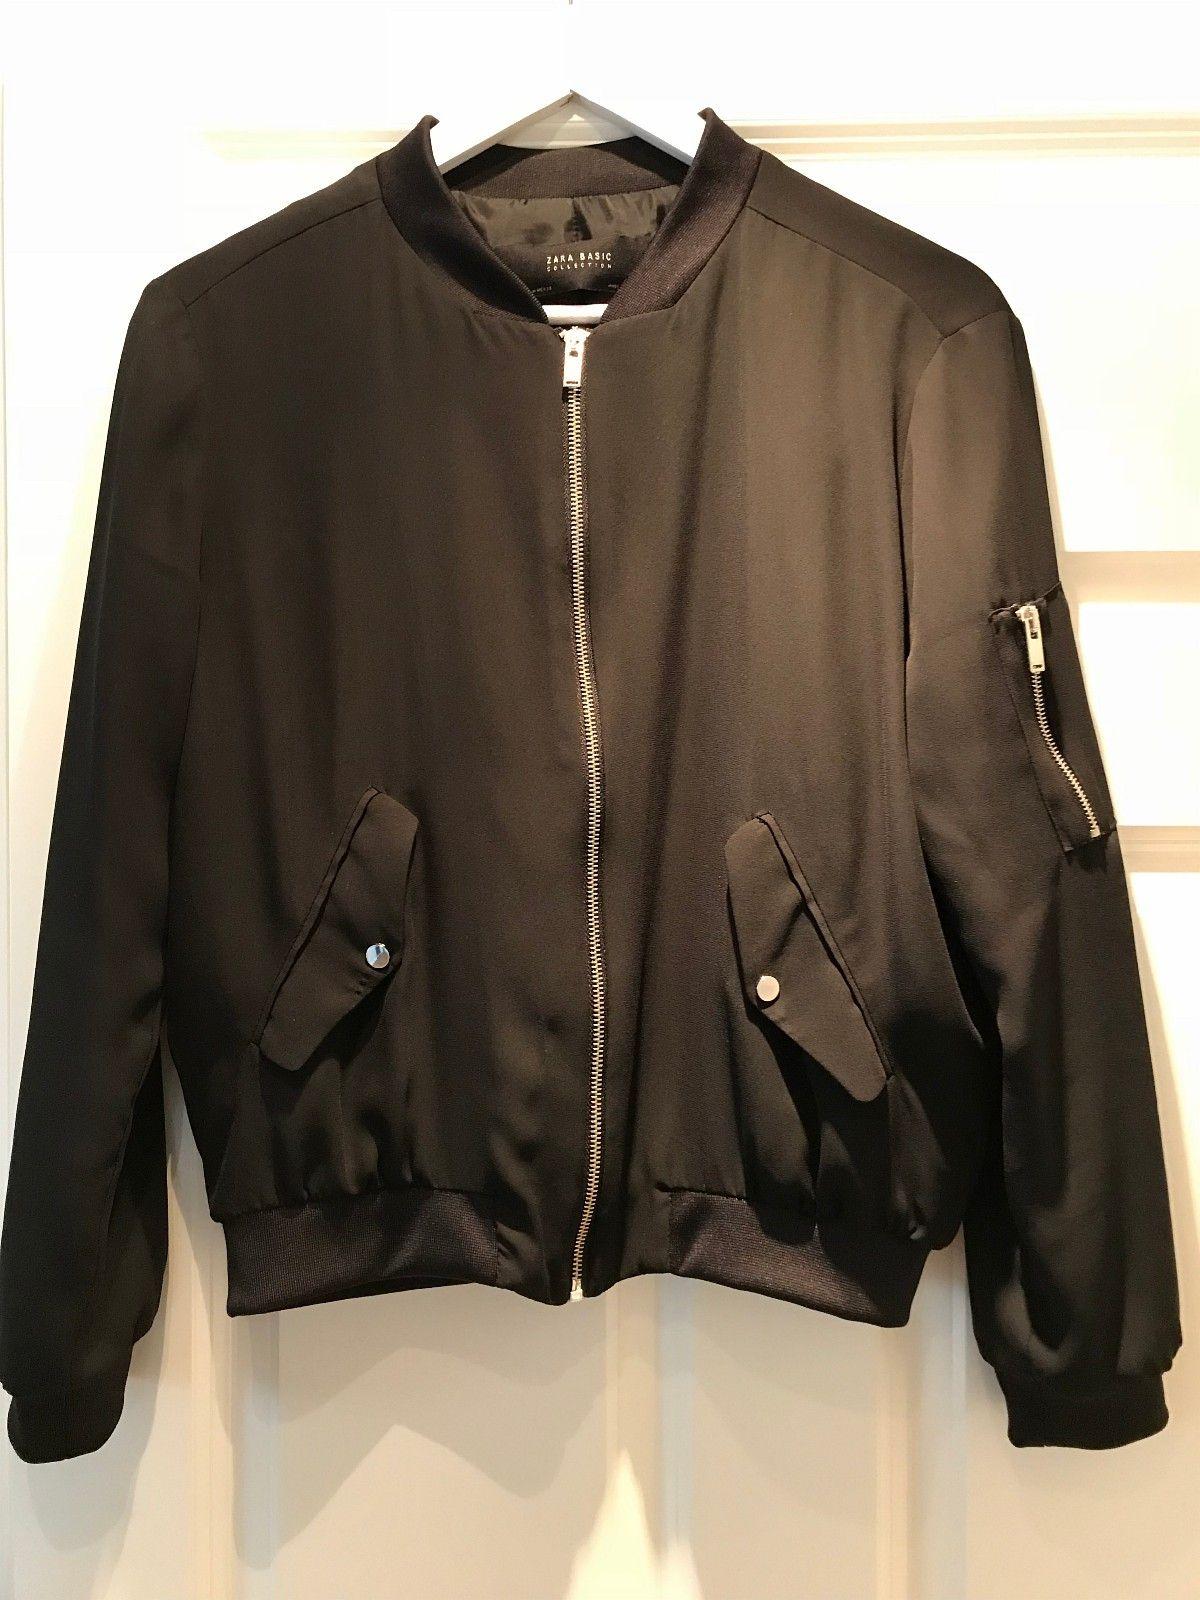 3e48bfce Div klær - Stord - Diverse klær til salgs, 100kr pr plagg evt samlet for